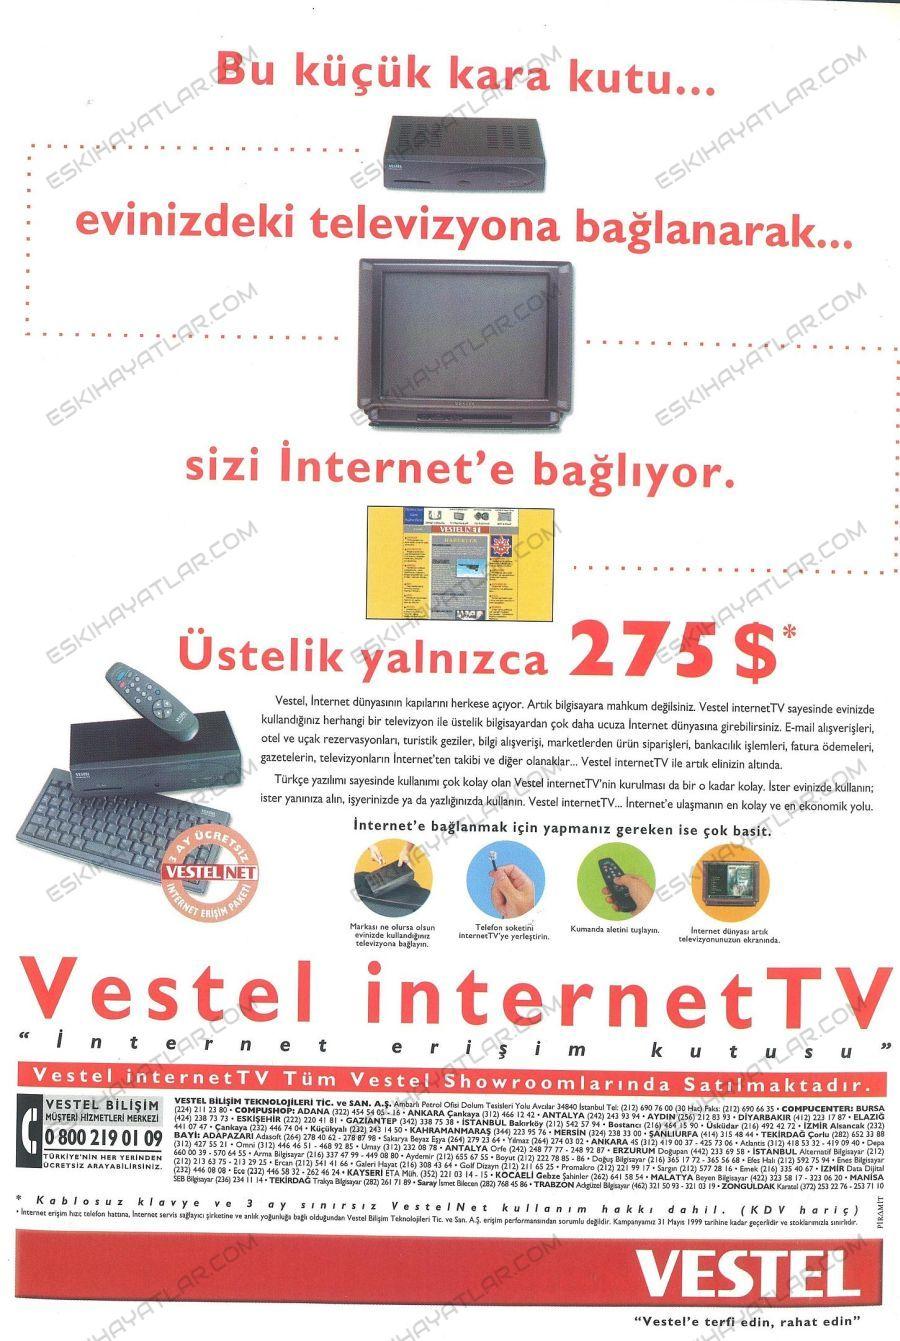 0223-vestele-terfi-edin-rahat-edin-1999-yilinda-internet-kullanimi-vestel-internet-tv-yalnizca-275-dolar